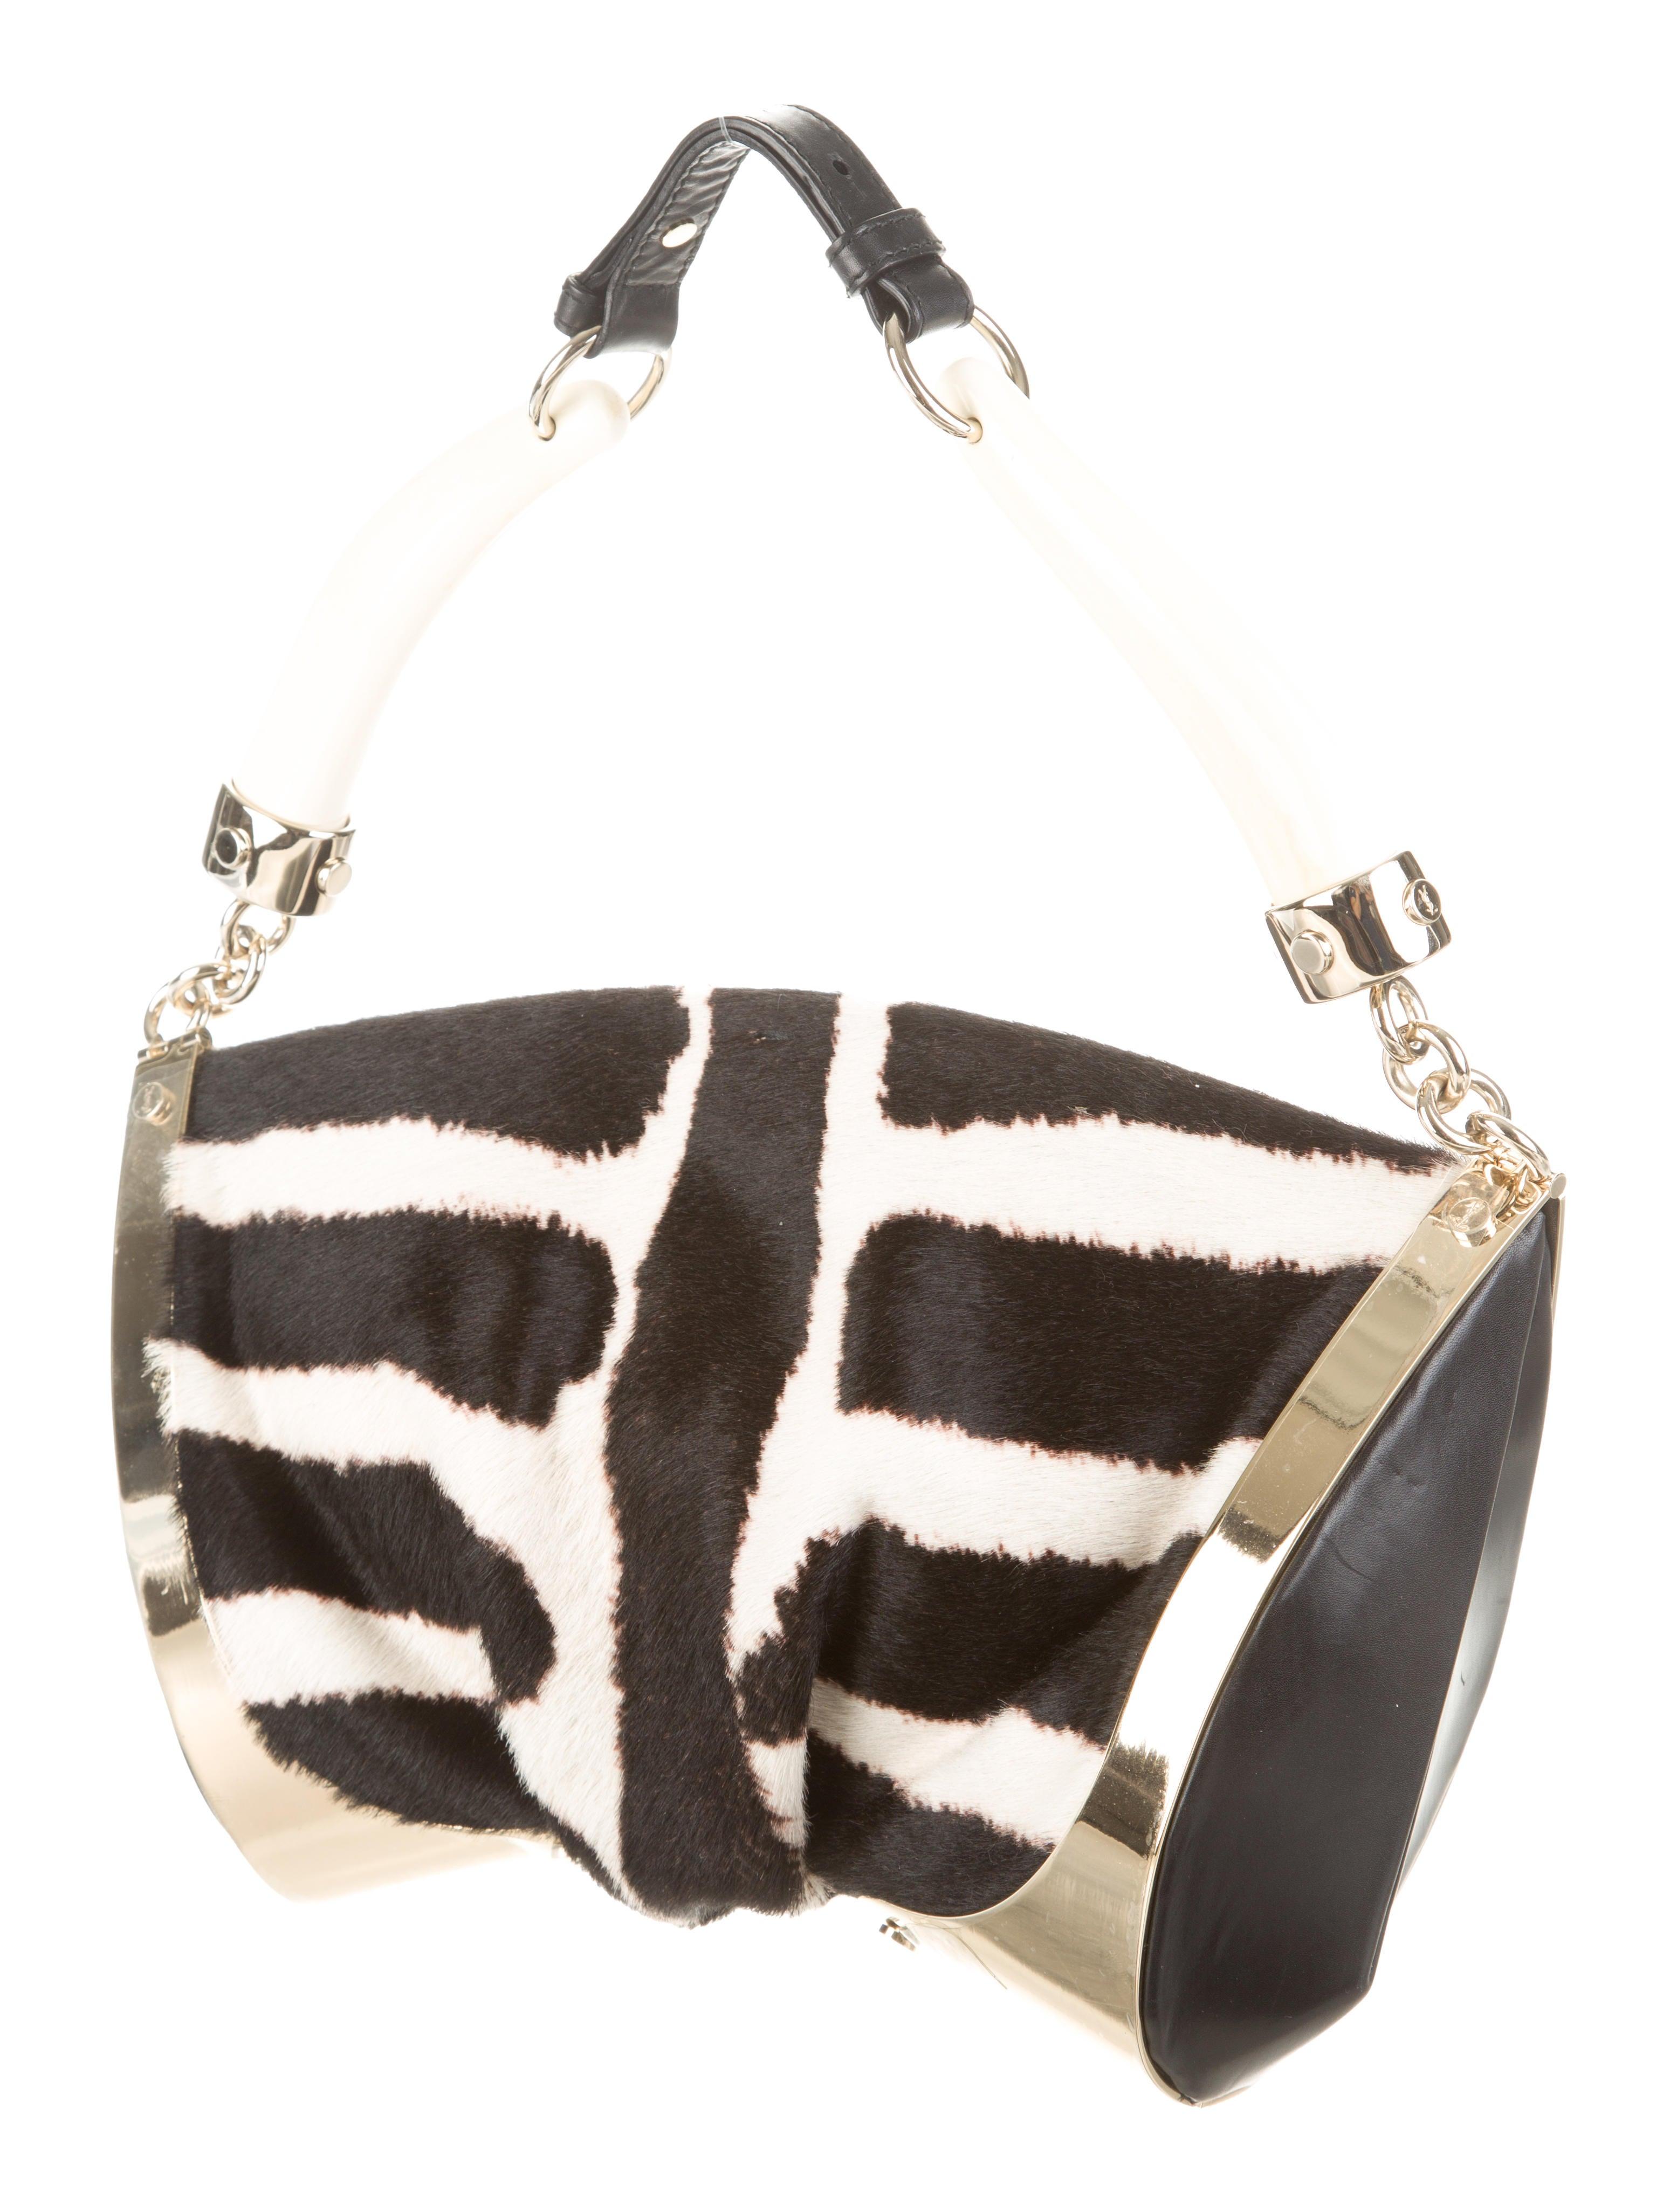 yves saint laurent ponyhair muse two bag ysl handbag sale uk. Black Bedroom Furniture Sets. Home Design Ideas